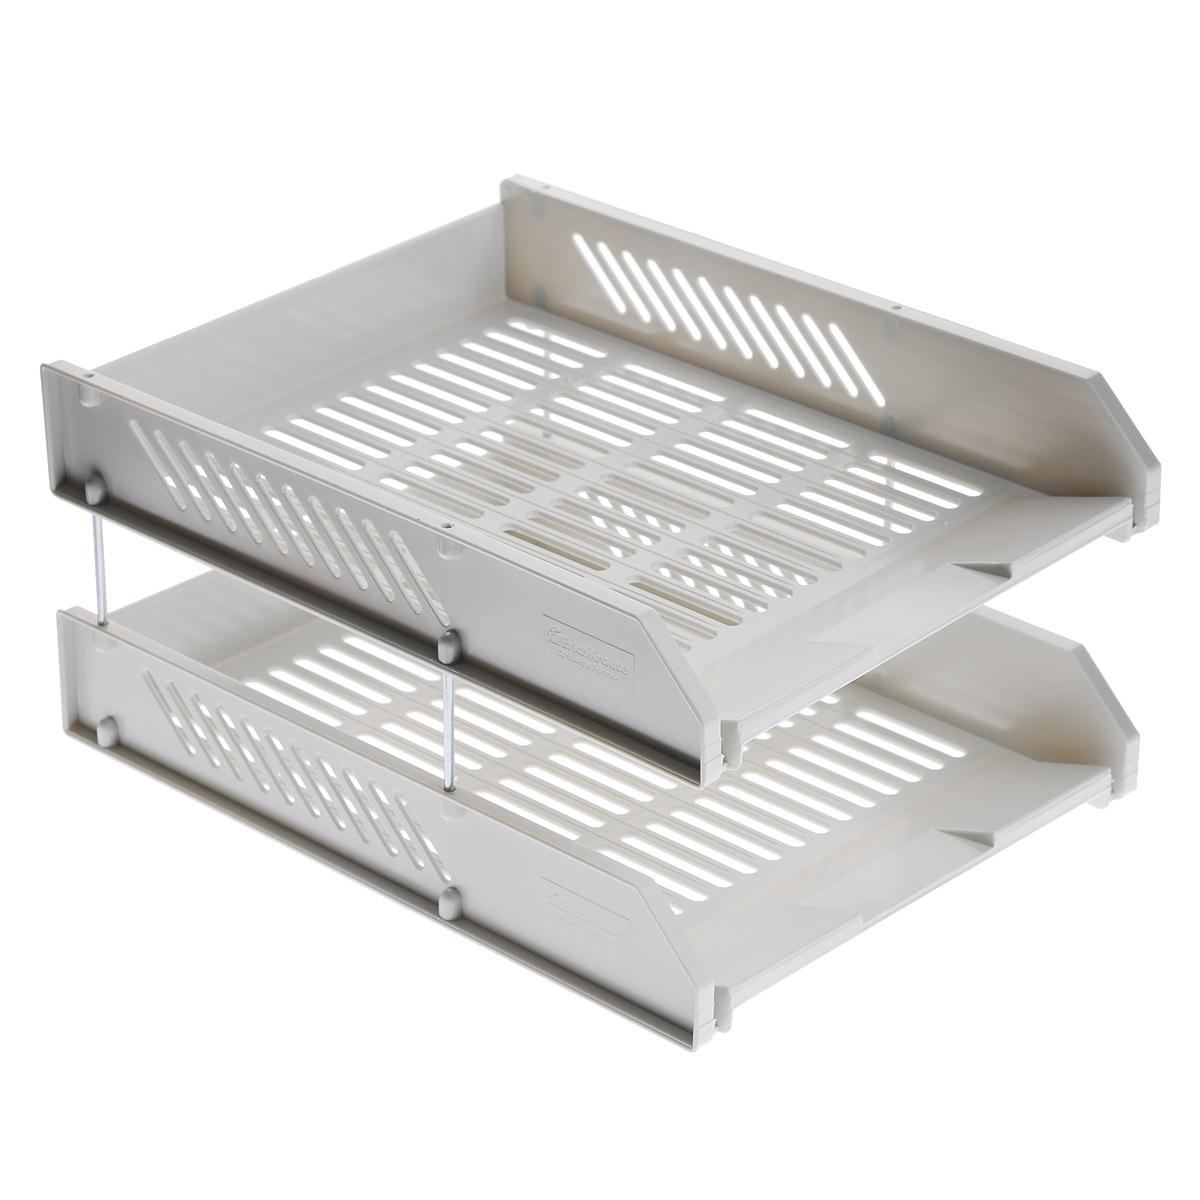 Набор горизонтальных лотков для бумаги Erich Krause, цвет: серый, 2 штFS-54100Сетчатый горизонтальные лотки для бумаги Erich Krause предназначены для хранения документов, рабочих бумаг, журналов и каталогов. Набор включает 2 лотка из высококачественного серого пластика. Лотки устанавливаются друг на друга и скрепляются посредством металлических стержней со съемными пластиковыми наконечниками.Горизонтальные лотки для бумаги Erich Krause помогут удобно организовать пространство в вашем офисе. Характеристики:Материал: металл, пластик. Размер лотка: 34 см x 26 см x 6 см. Длина стержня: 7 см. Бренд Erich Krause - это полный ассортимент канцтоваров для офиса и школы, который гарантирует безукоризненное исполнение разных задач в процессе работы или учебы, органично и естественно сопровождает вас день за днем. Для миллионов покупателей во всем мире продукция Erich Krause стала верным и надежным союзником в реализации любых проектов и самых амбициозных планов. Высококвалифицированные специалисты Erich Krause прилагают все свои усилия, что бы каждый продукт компании прослужил максимально долго и неизменно радовал покупателей удобством и легкостью использования, надежностью в эксплуатации и прекрасным дизайном.